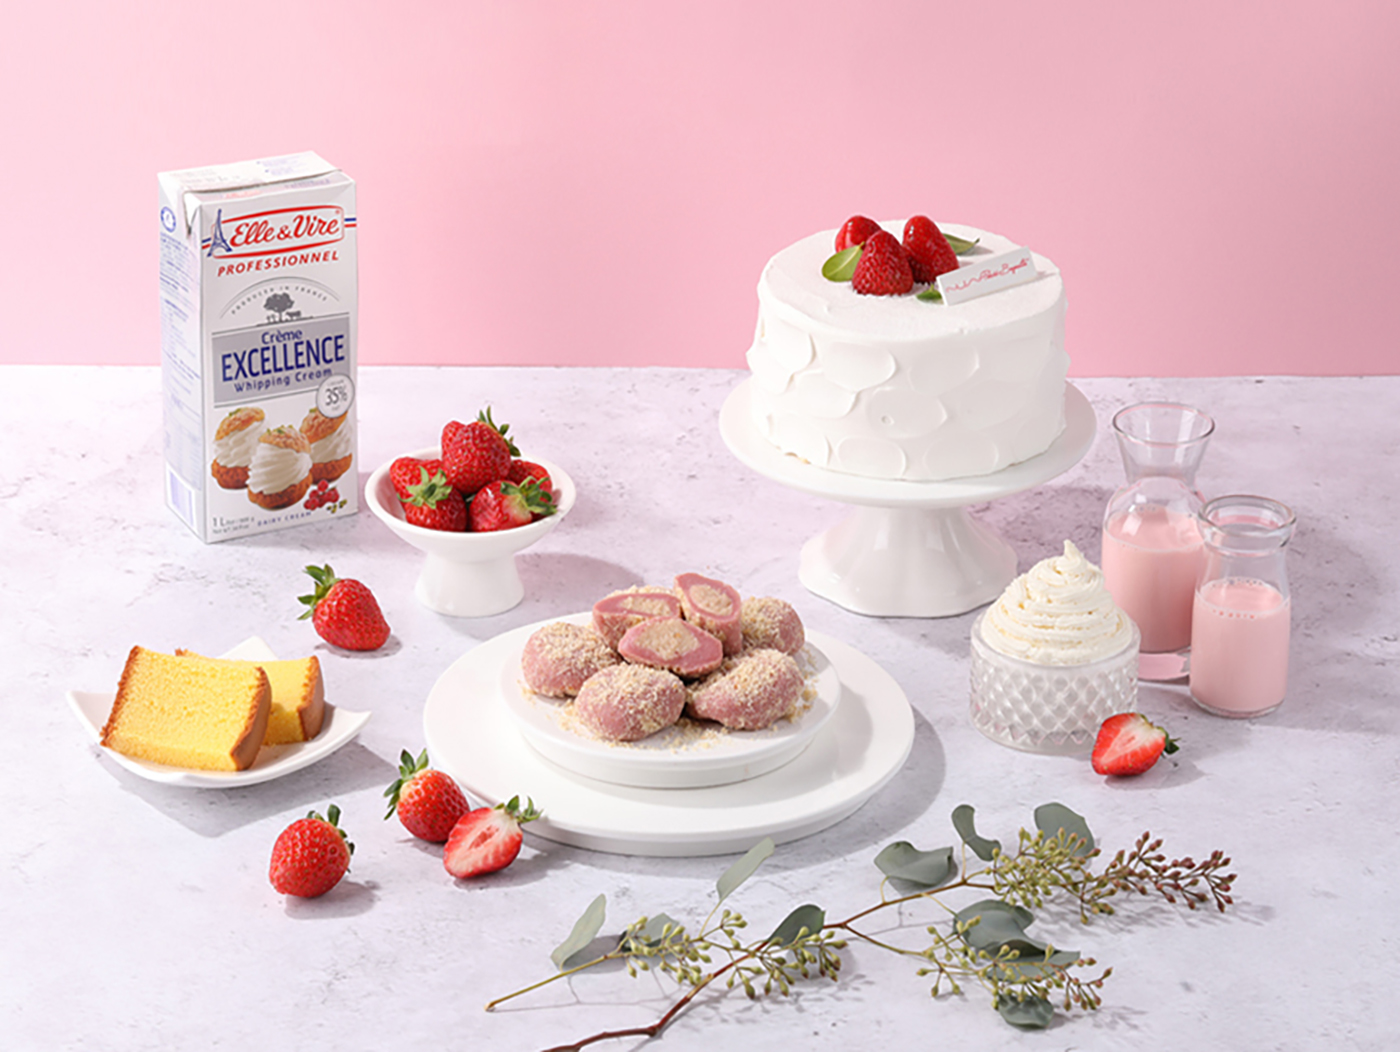 굳지 않는 딸기 생크림 케익 모찌 찹쌀떡 (15입) 상세이미지1